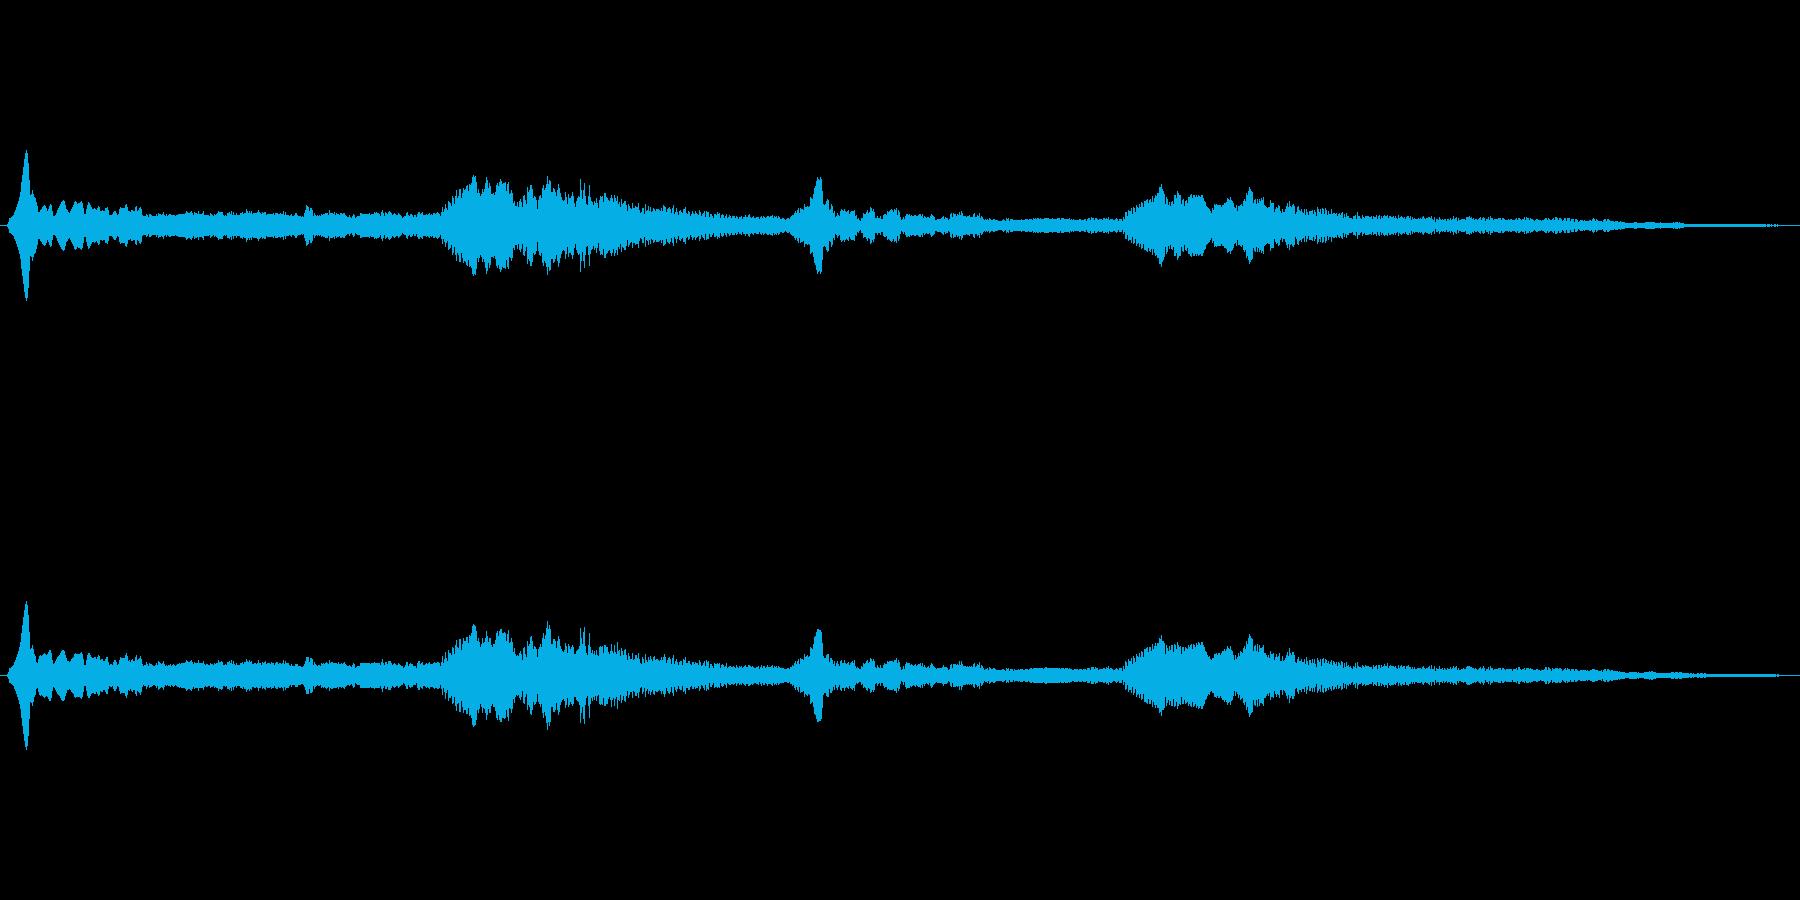 宇宙っぽい電子音3の再生済みの波形